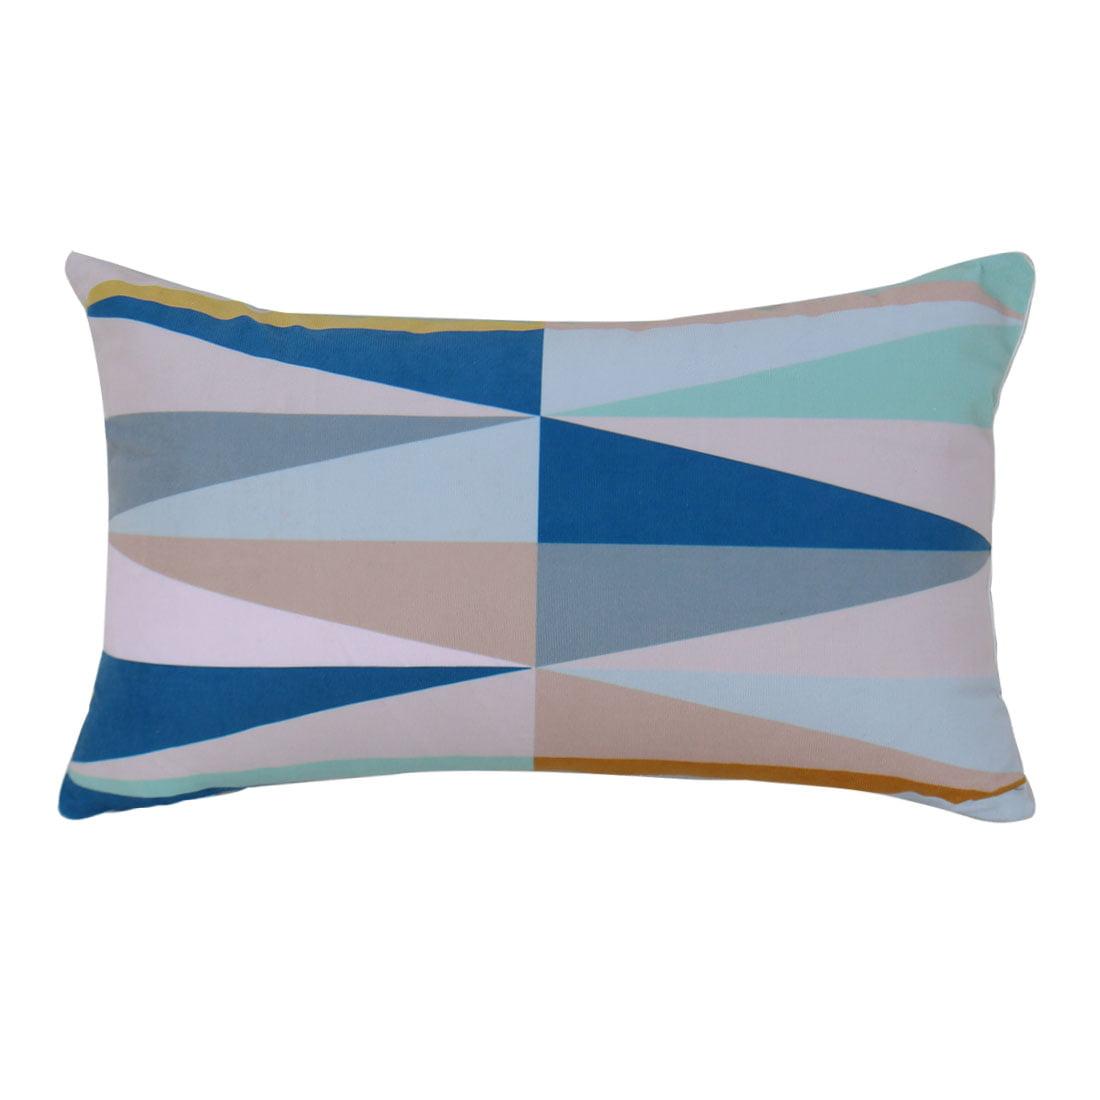 Decorative Velvet Lumbar Pillow Cover 12 x 20 Inch w Hidden Zipper, Triangle